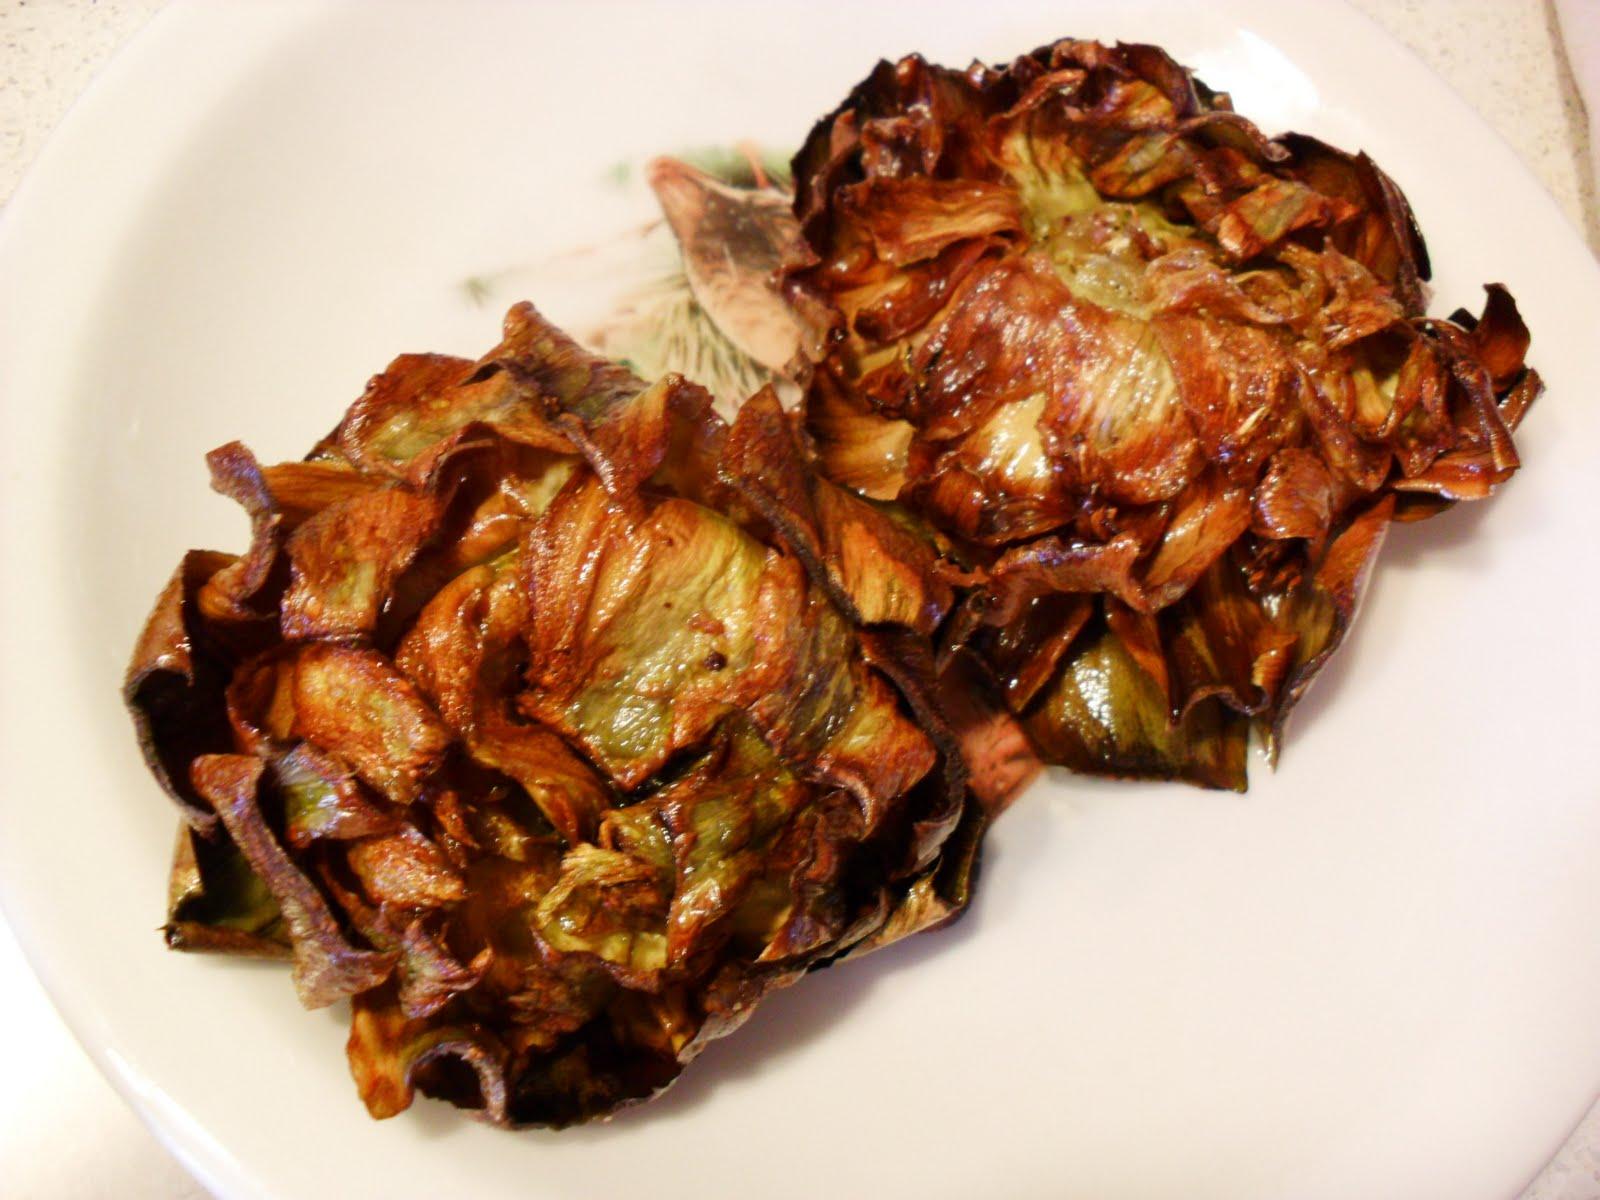 Carciofi alla giudia piatti tipici del lazio italy eat food for Piatti tipici roma